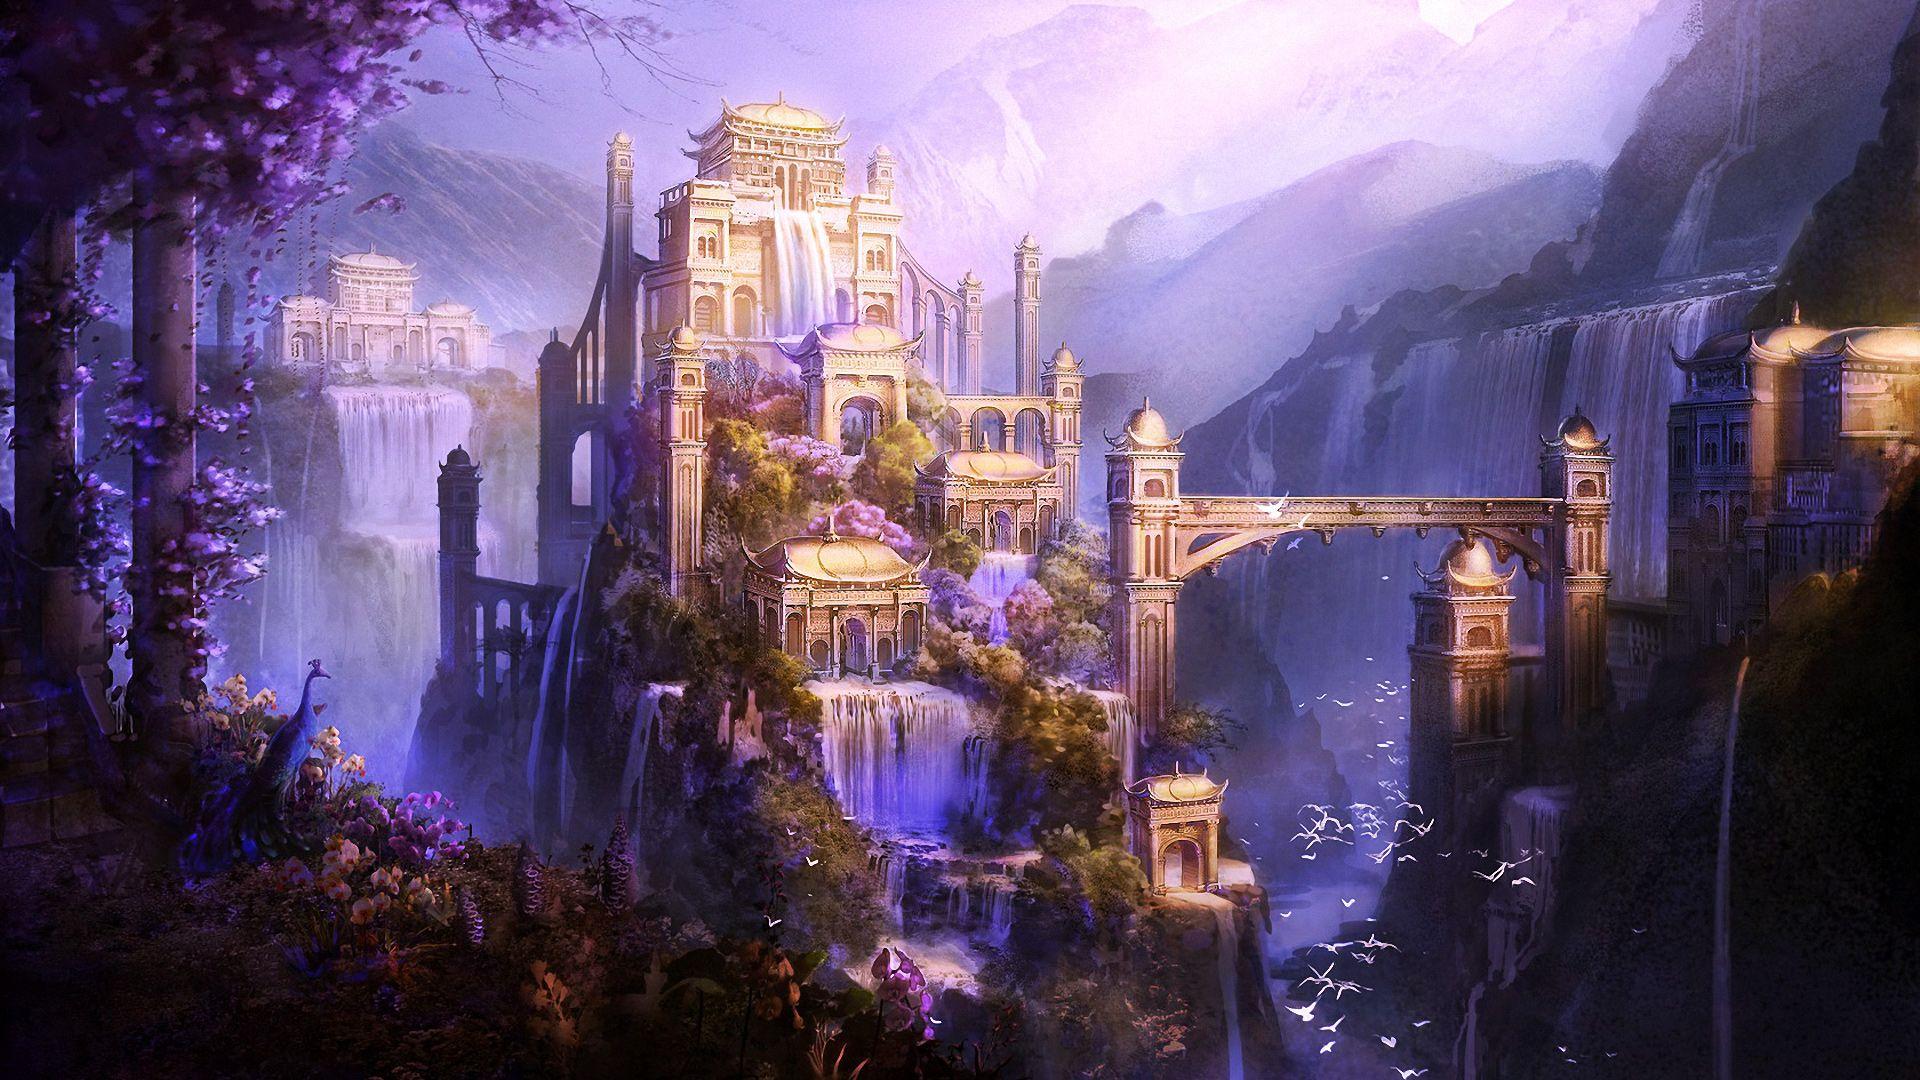 296 castle wallpapers | castle backgrounds | random | pinterest